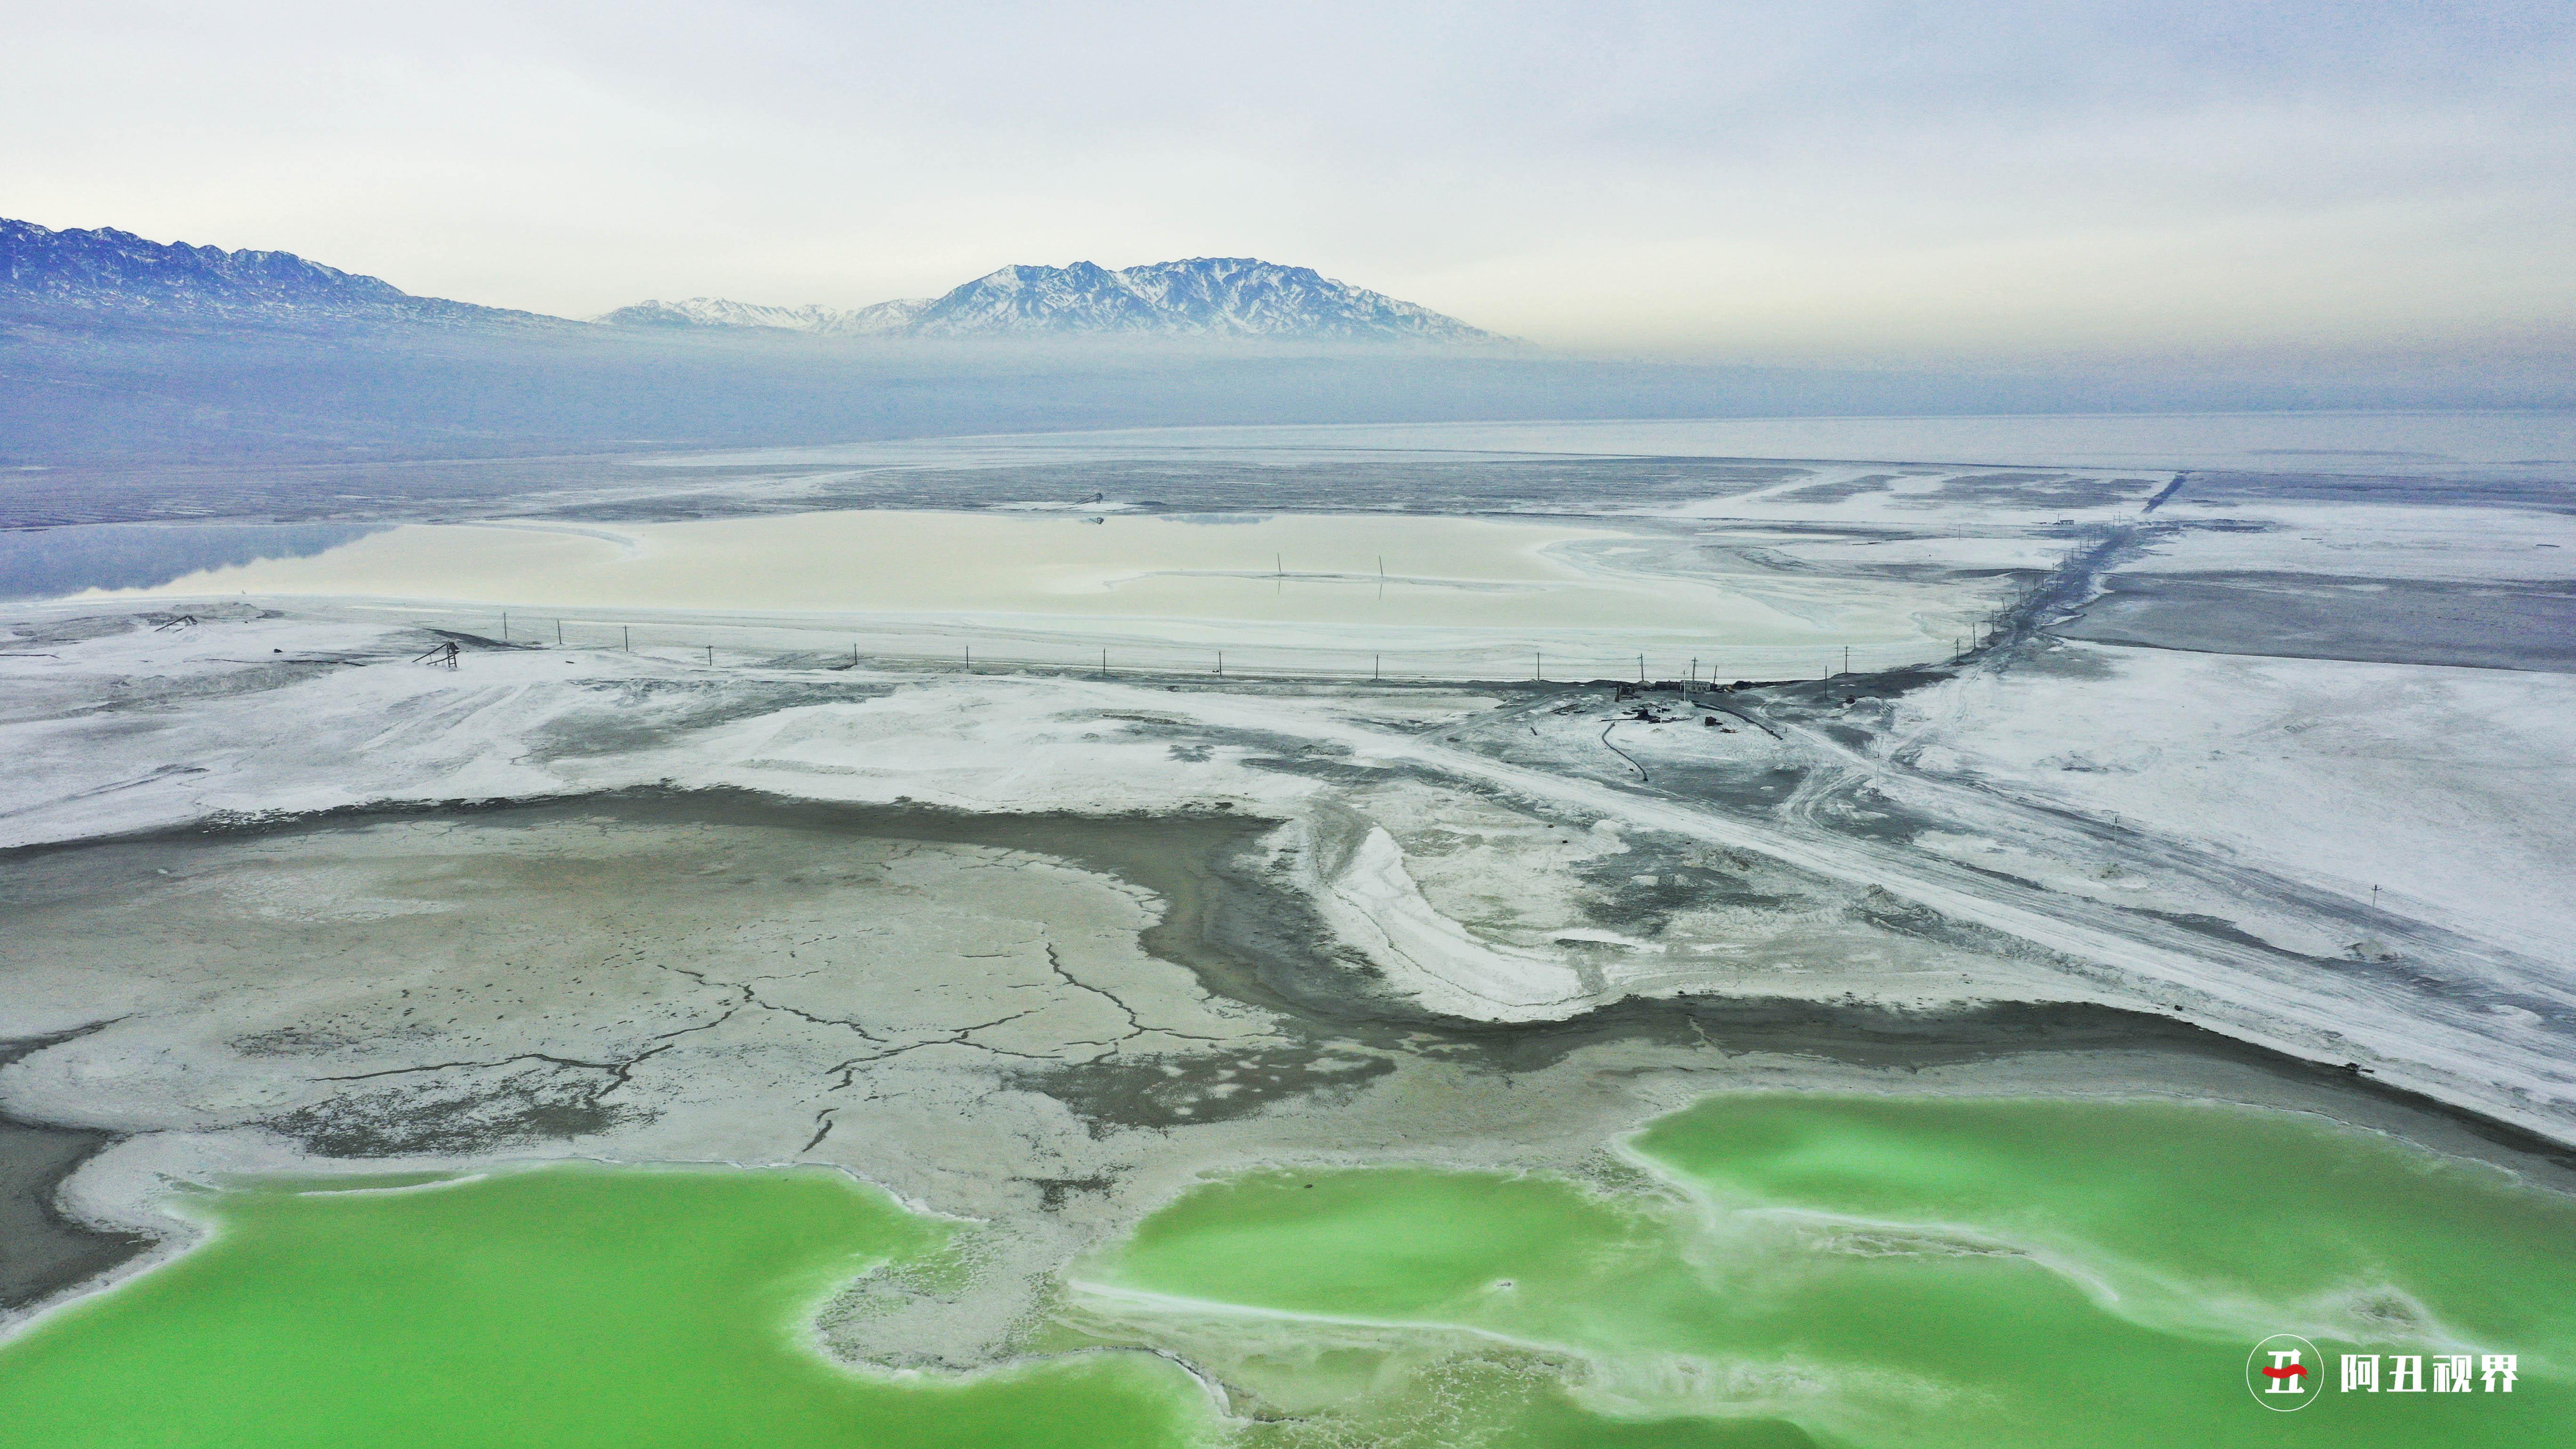 新疆的天空之镜,乌鲁木齐的新晋网红景区——达坂城Guhya盐湖